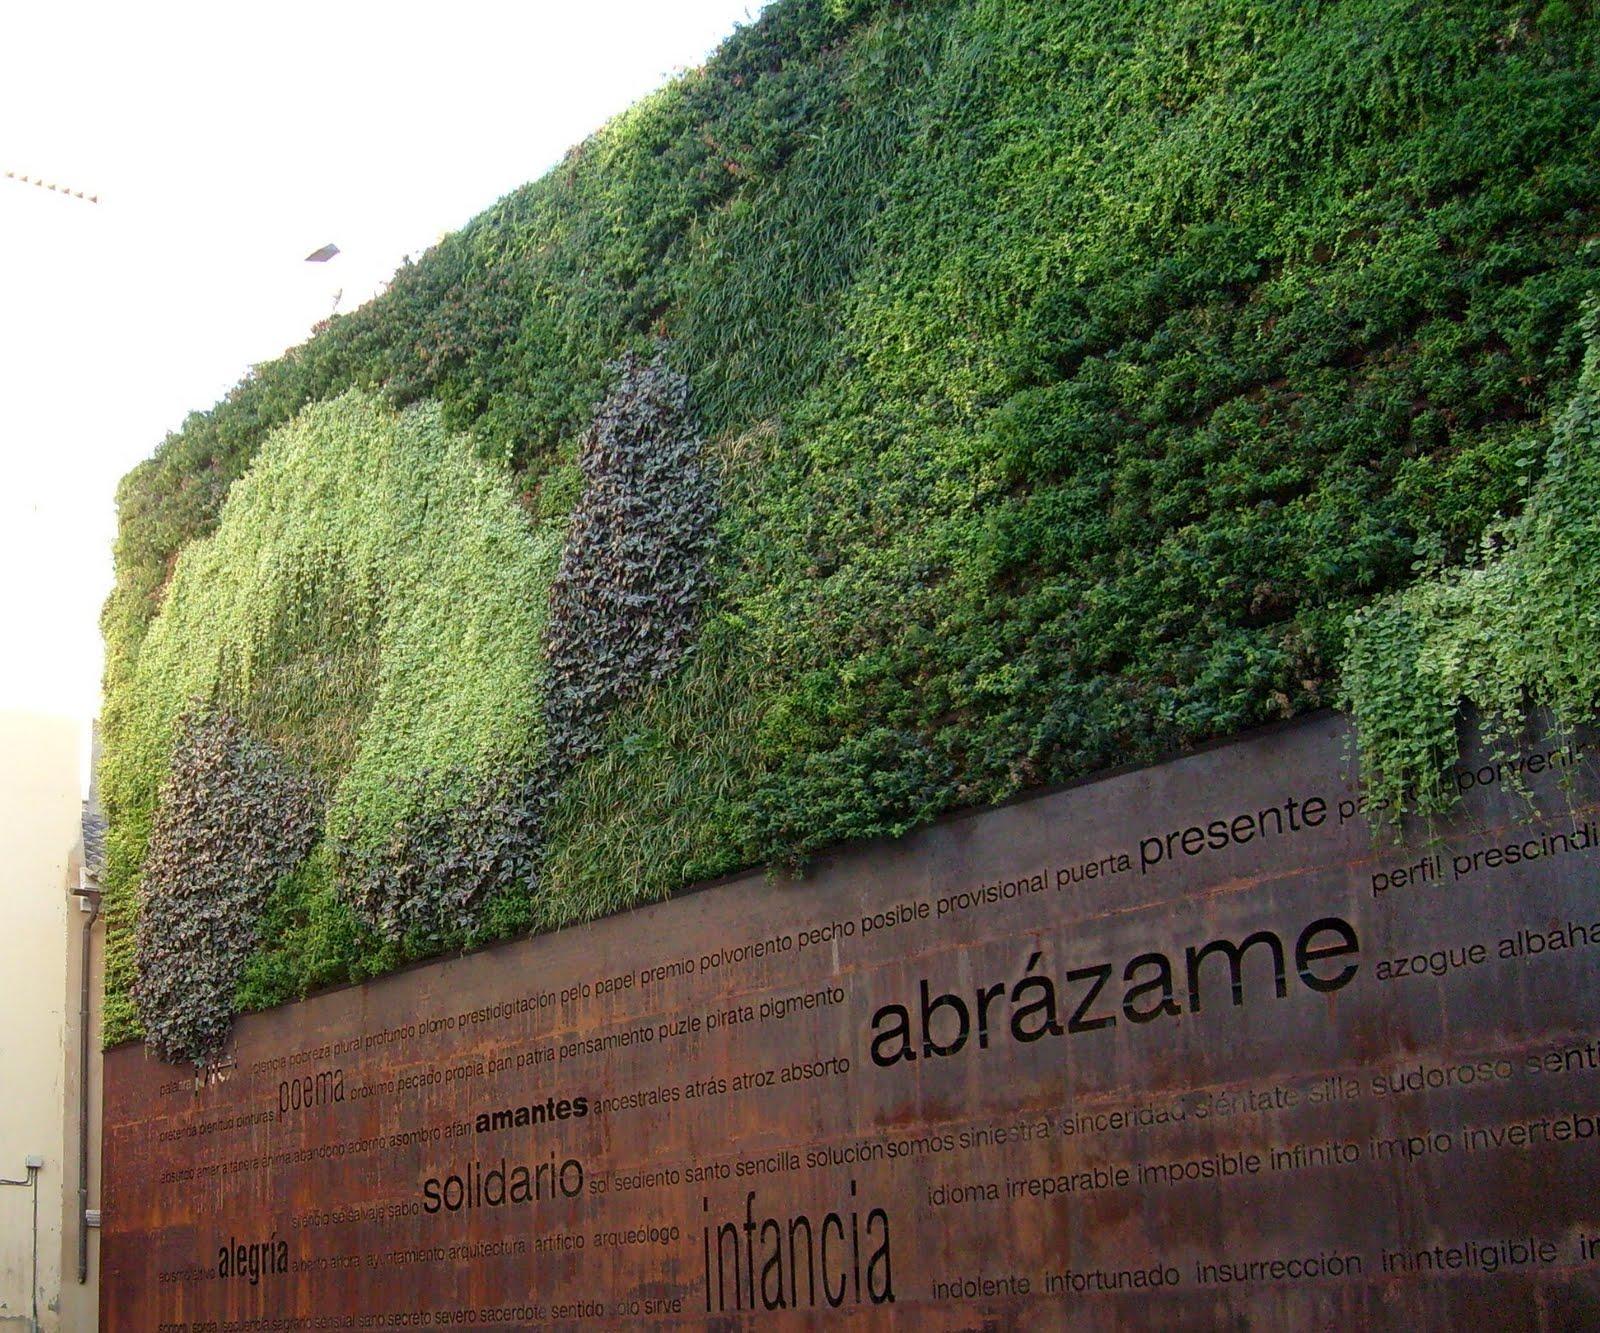 cultura de sevilla jardines verticales una apuesta de futuro